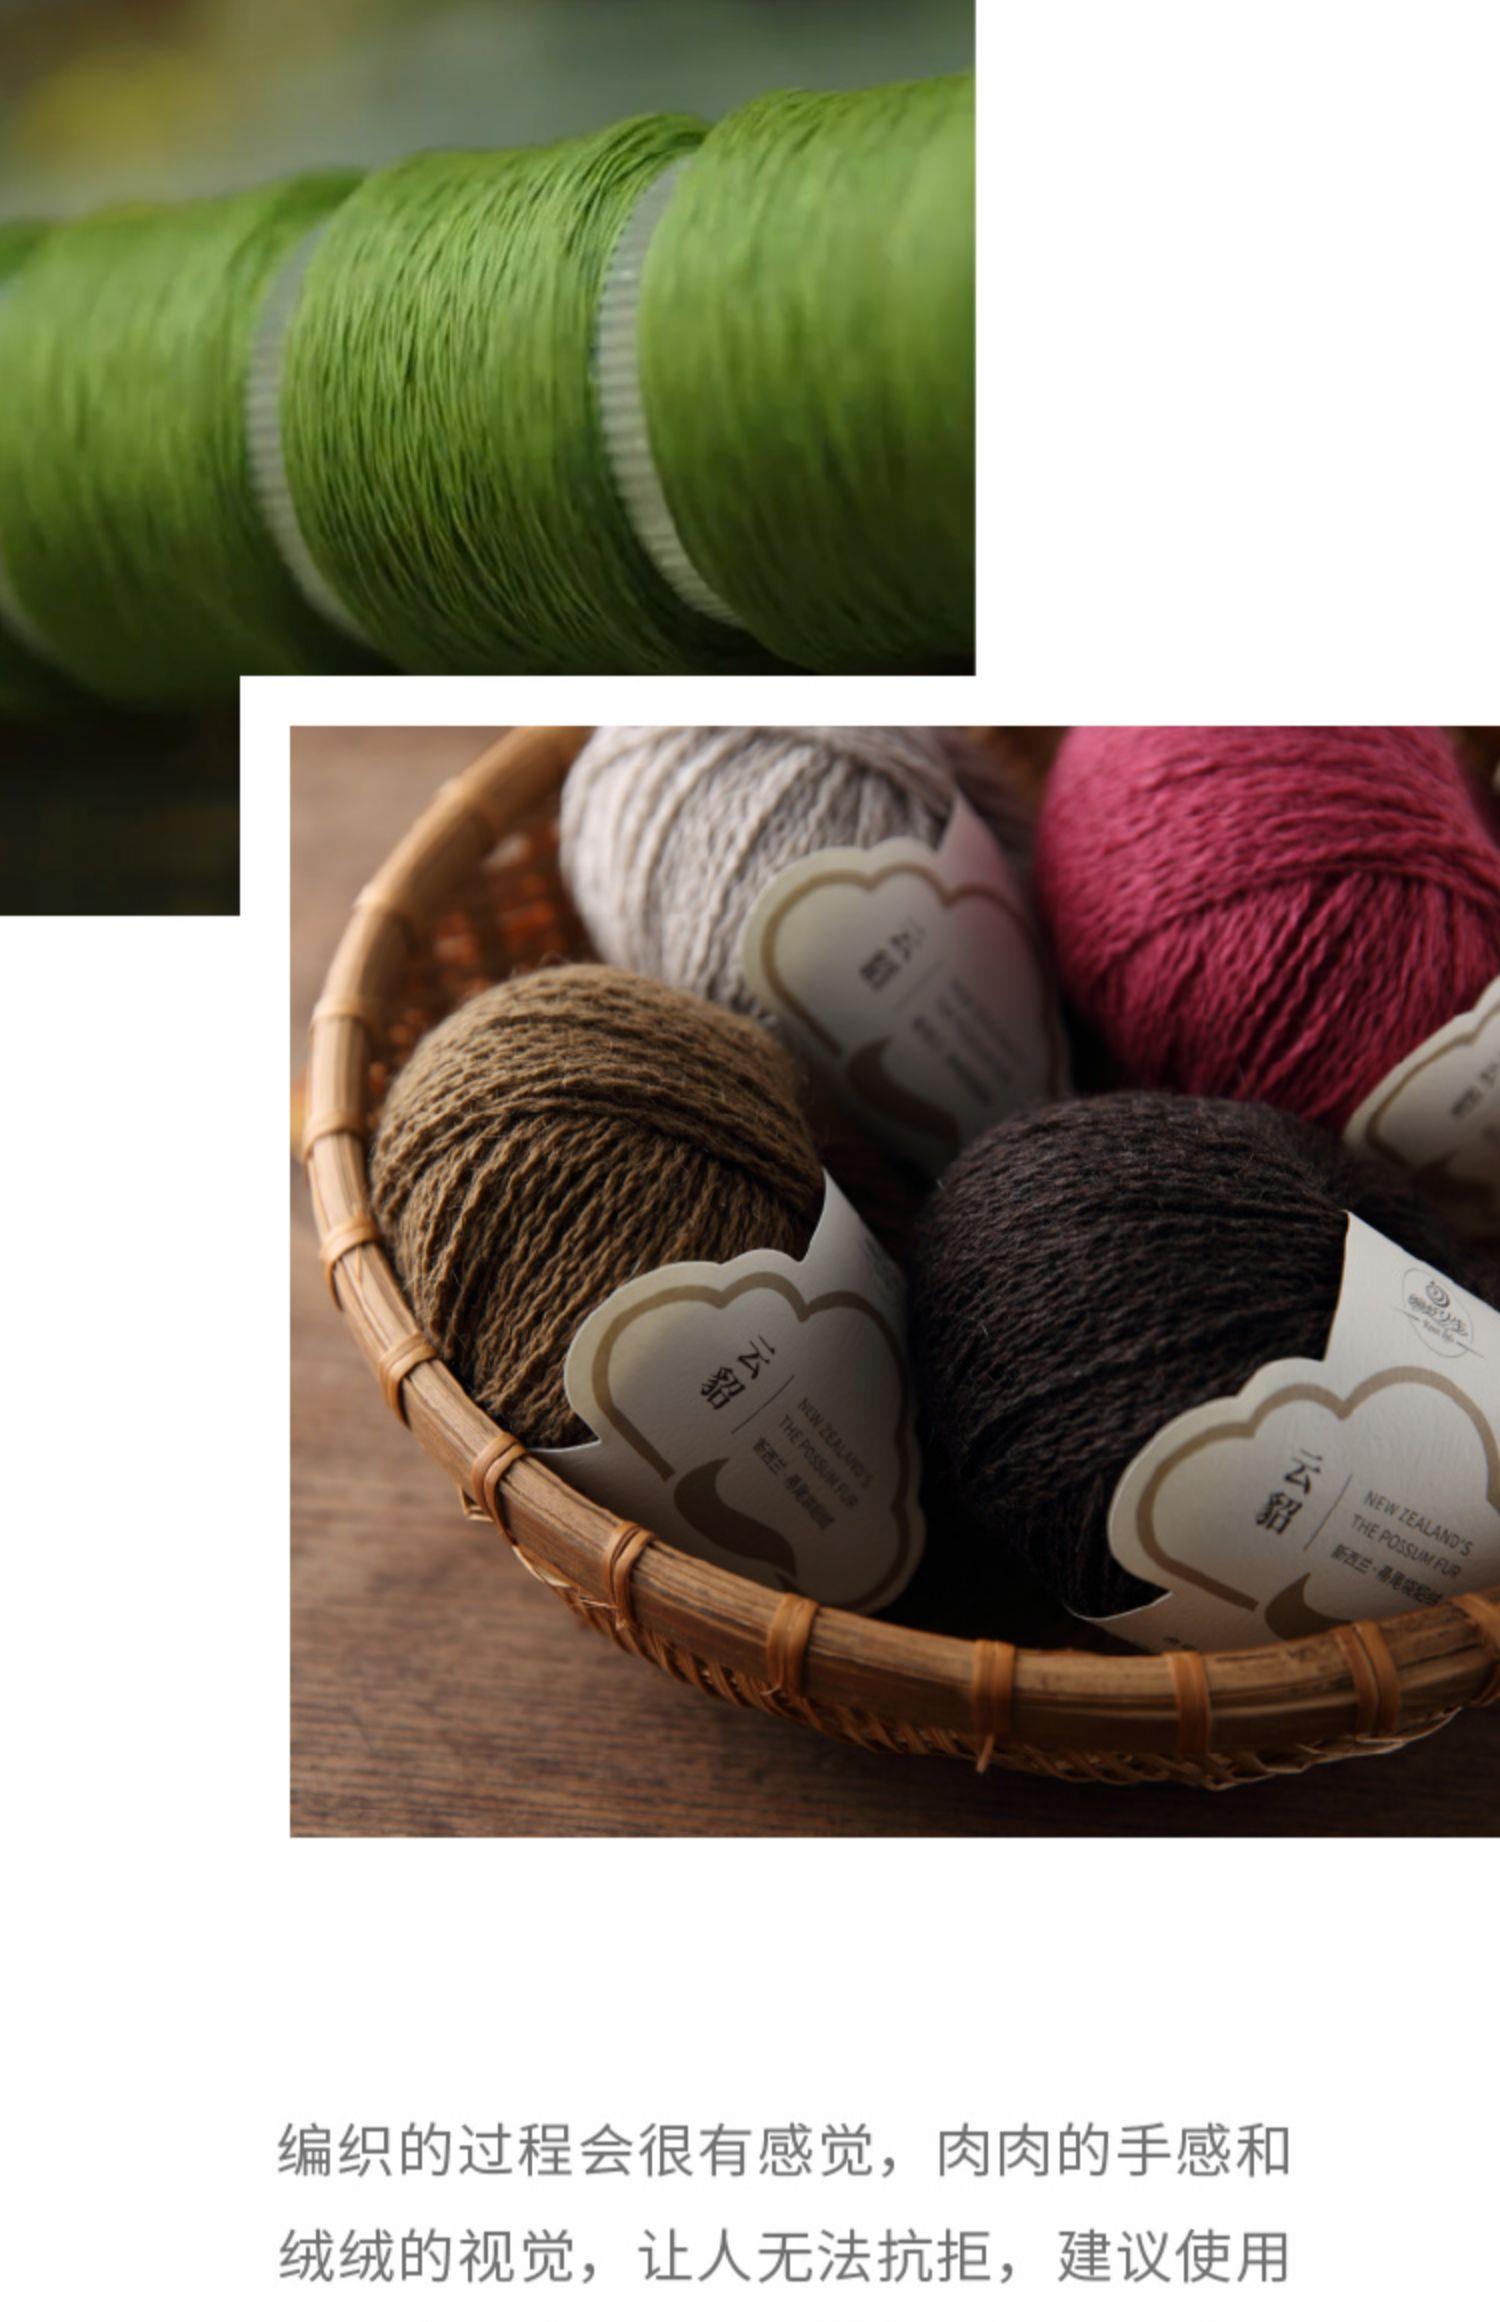 【云貂】纽西兰进口袋貂绒毛线不起球比羊绒暖手工编织棒针毛线详细照片